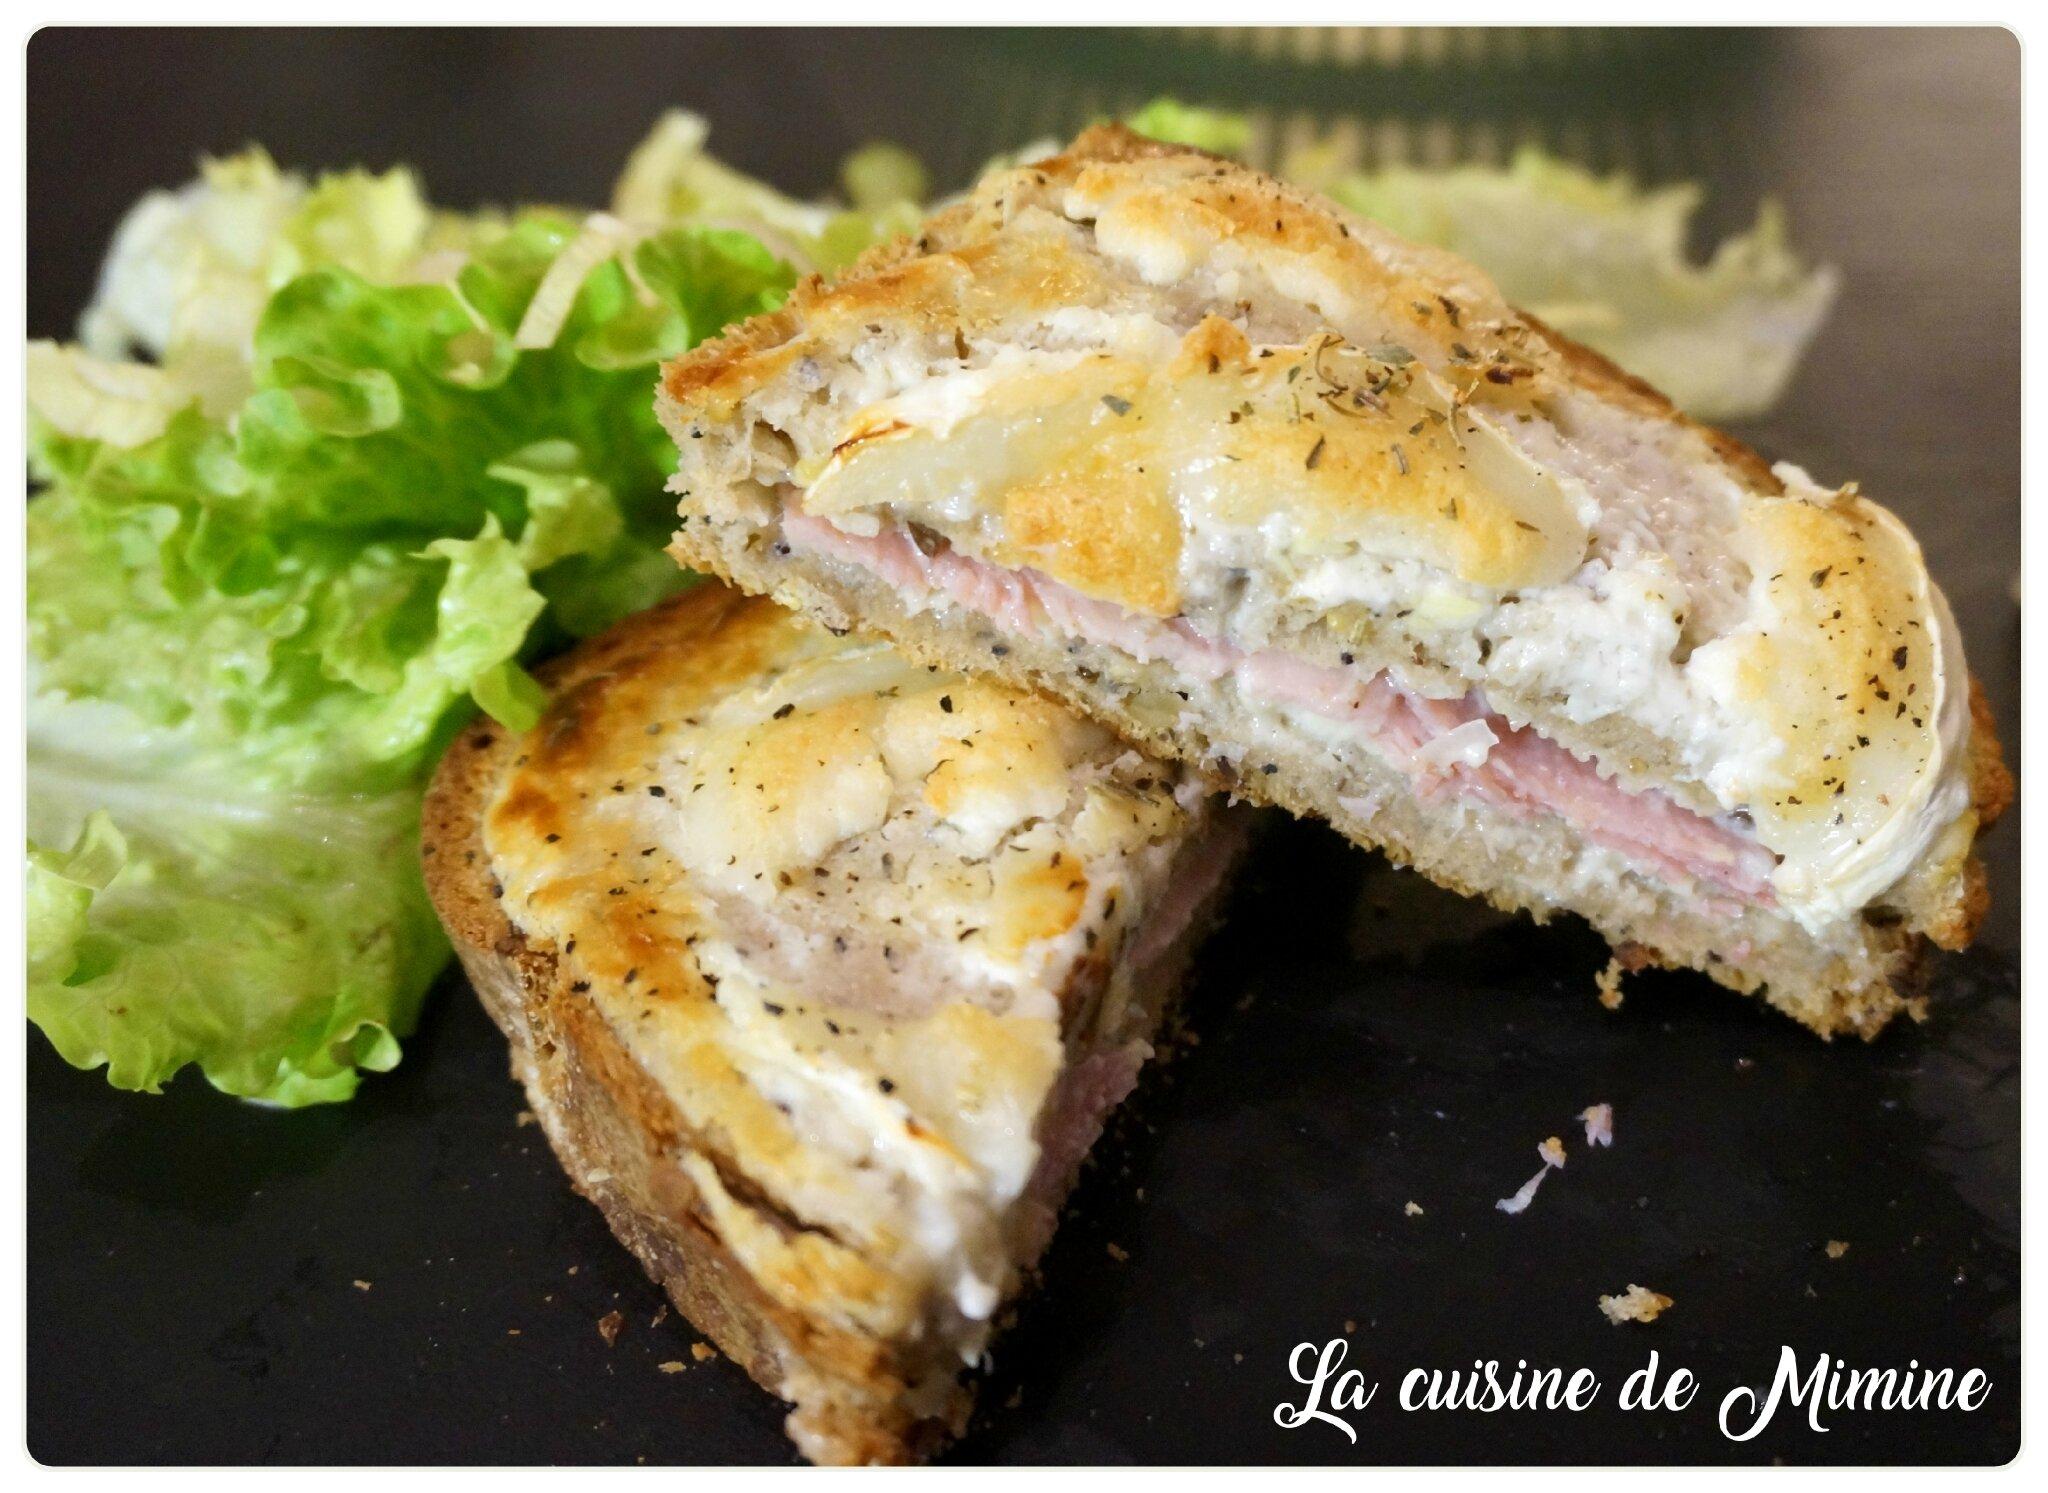 Croques Monsieur Chevre Echalote La Cuisine De Mimine